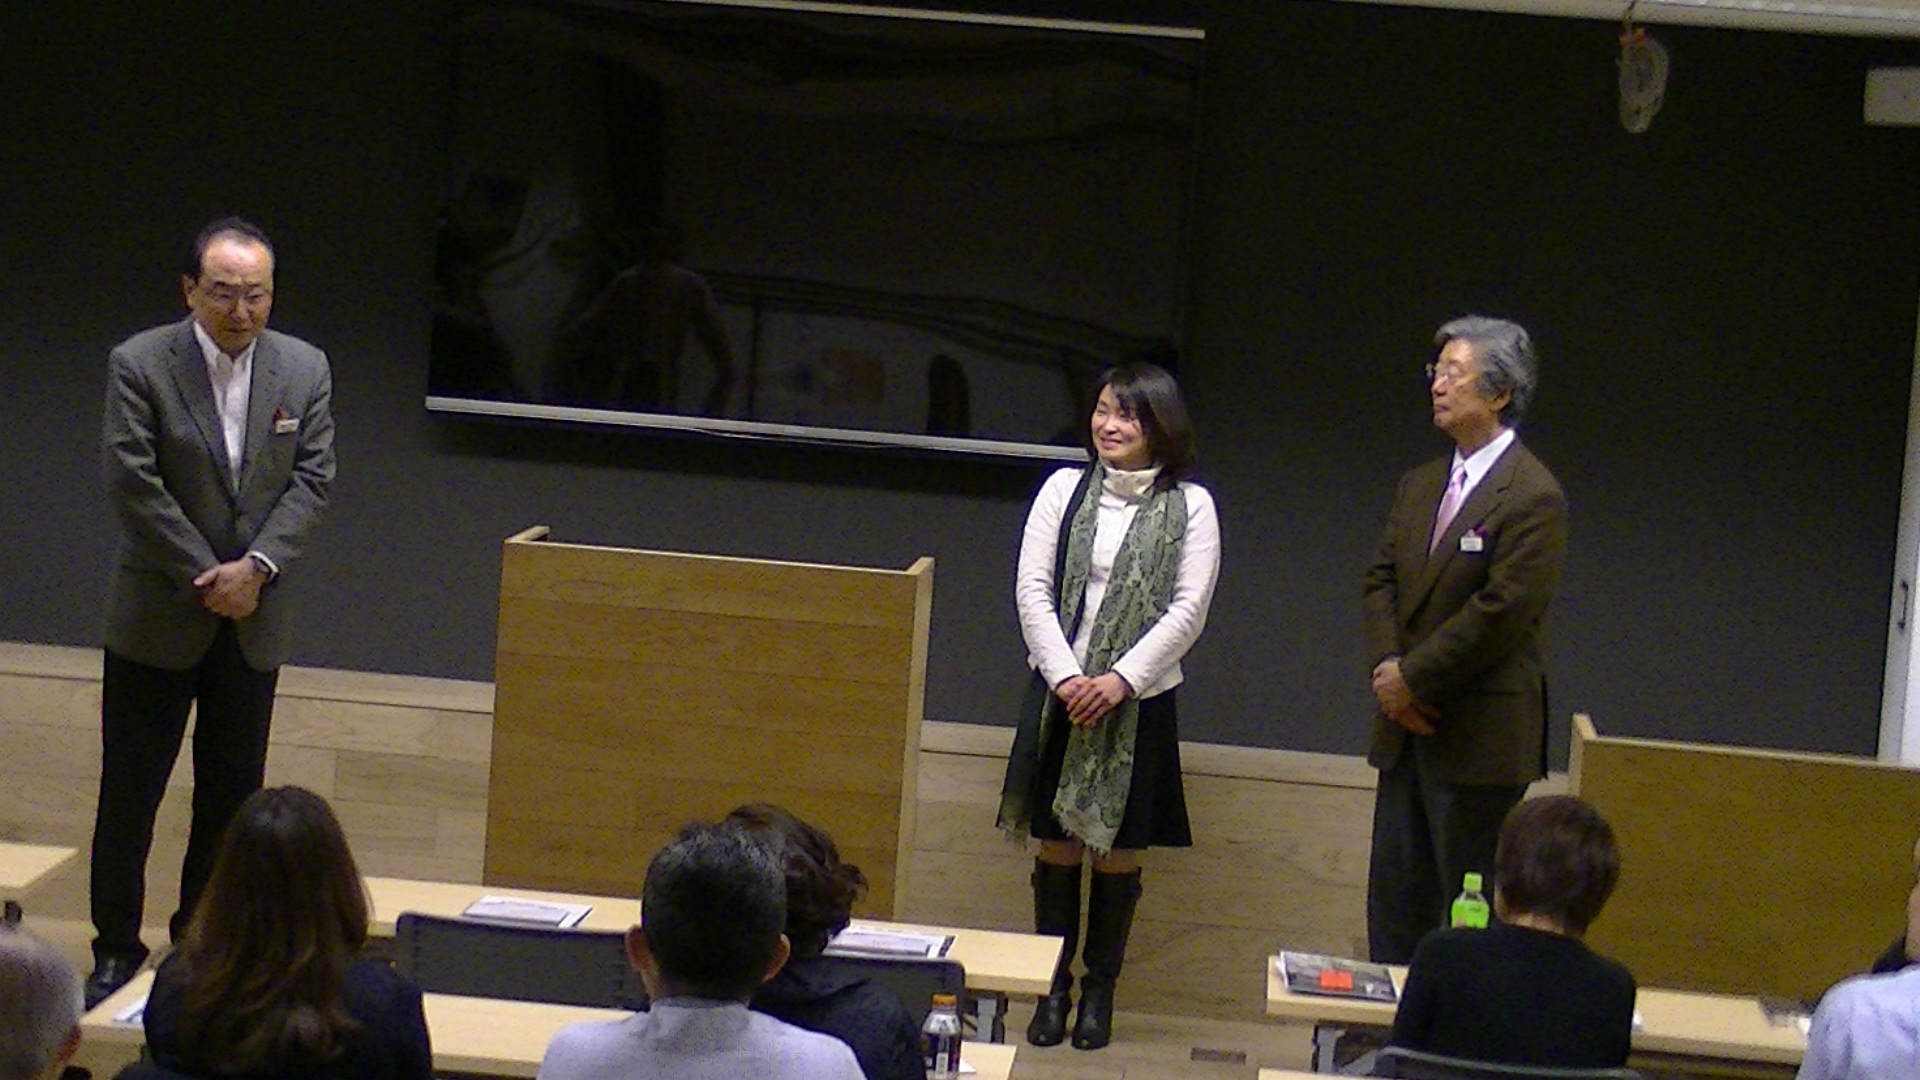 PIC 0536 1 - 平成30年度 東京思風塾 4月7日(土)「時代が問題をつくり、問題が人物をつくる」